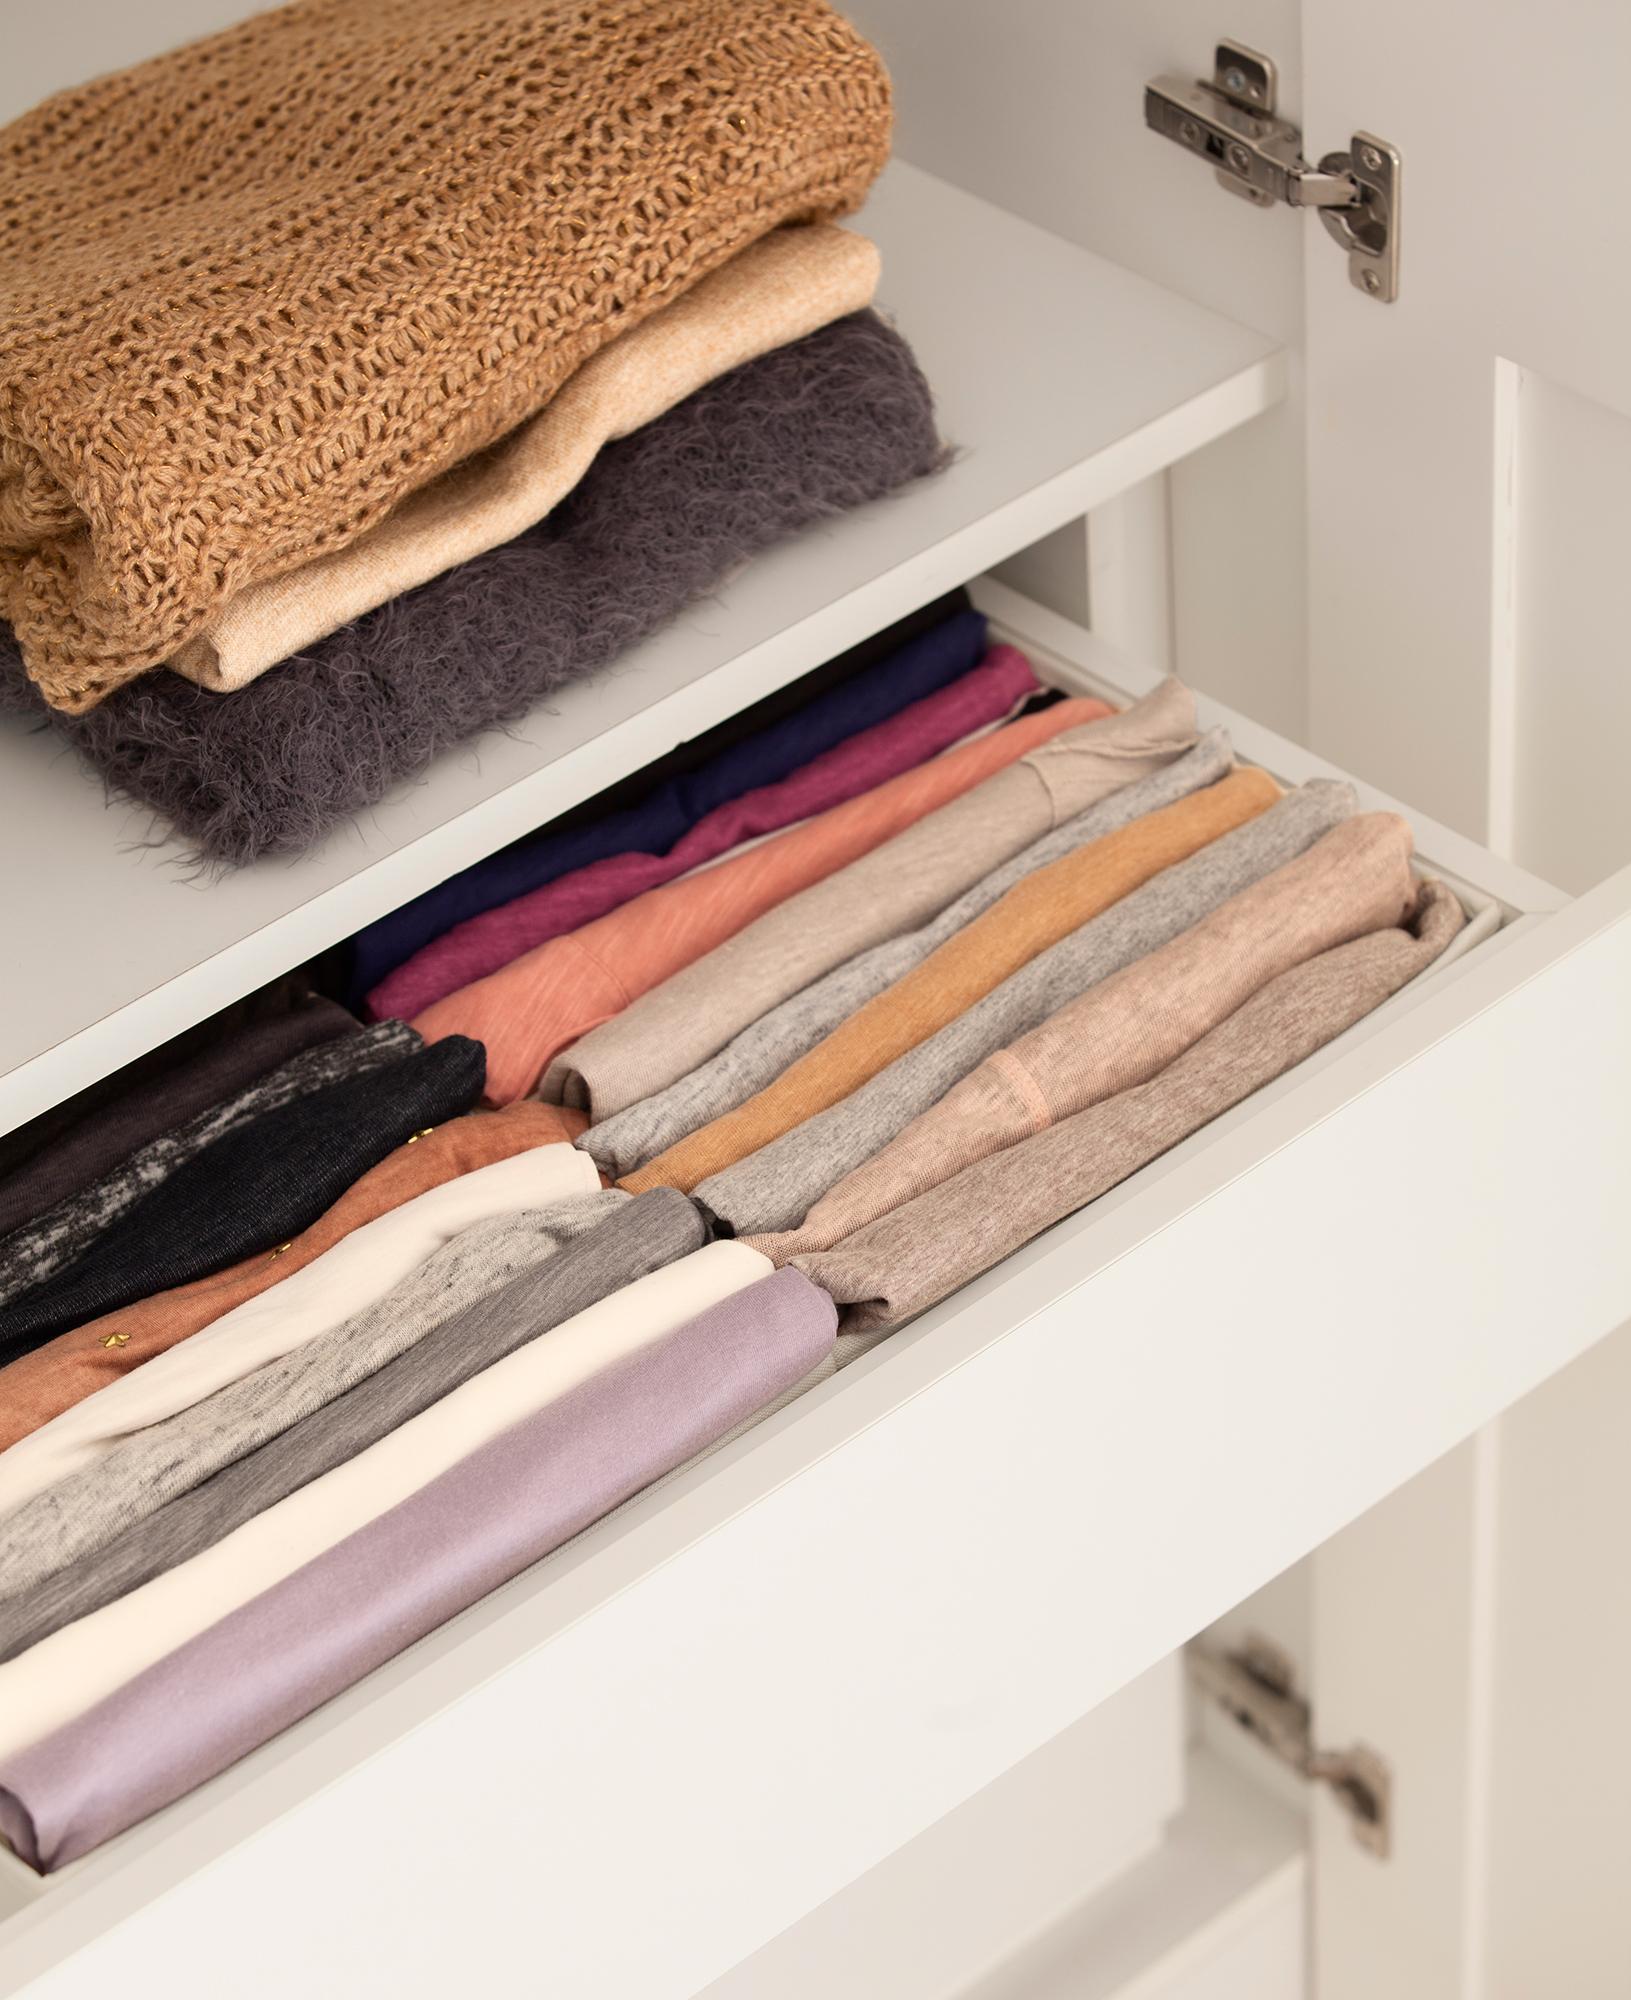 Detalle de cajón de armario abierto con camisetas ordenadas con el método Konmari